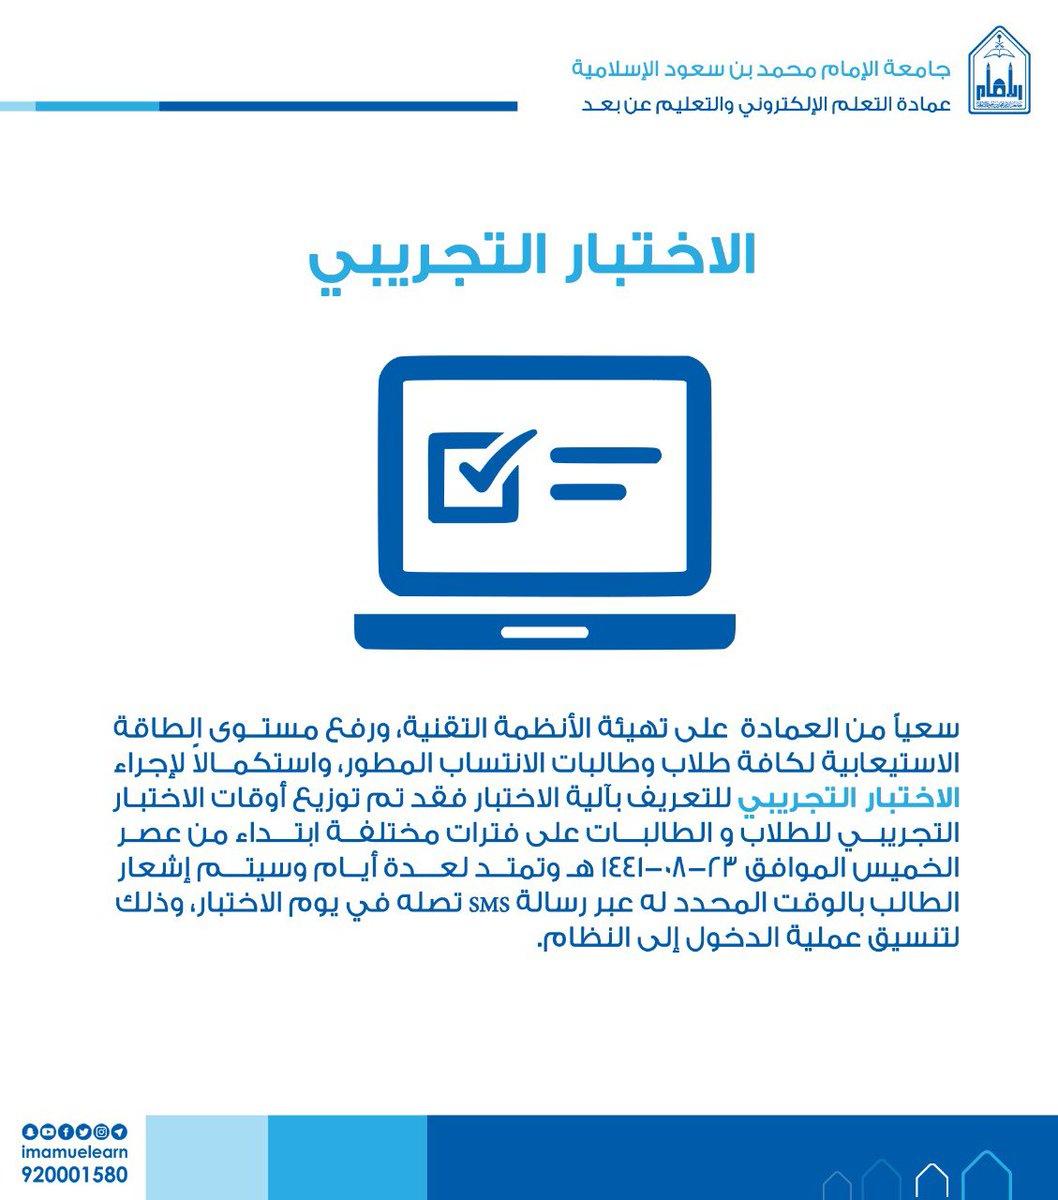 عمادة التعليم عن بعد On Twitter عاجل سيتم البدء بإجراء